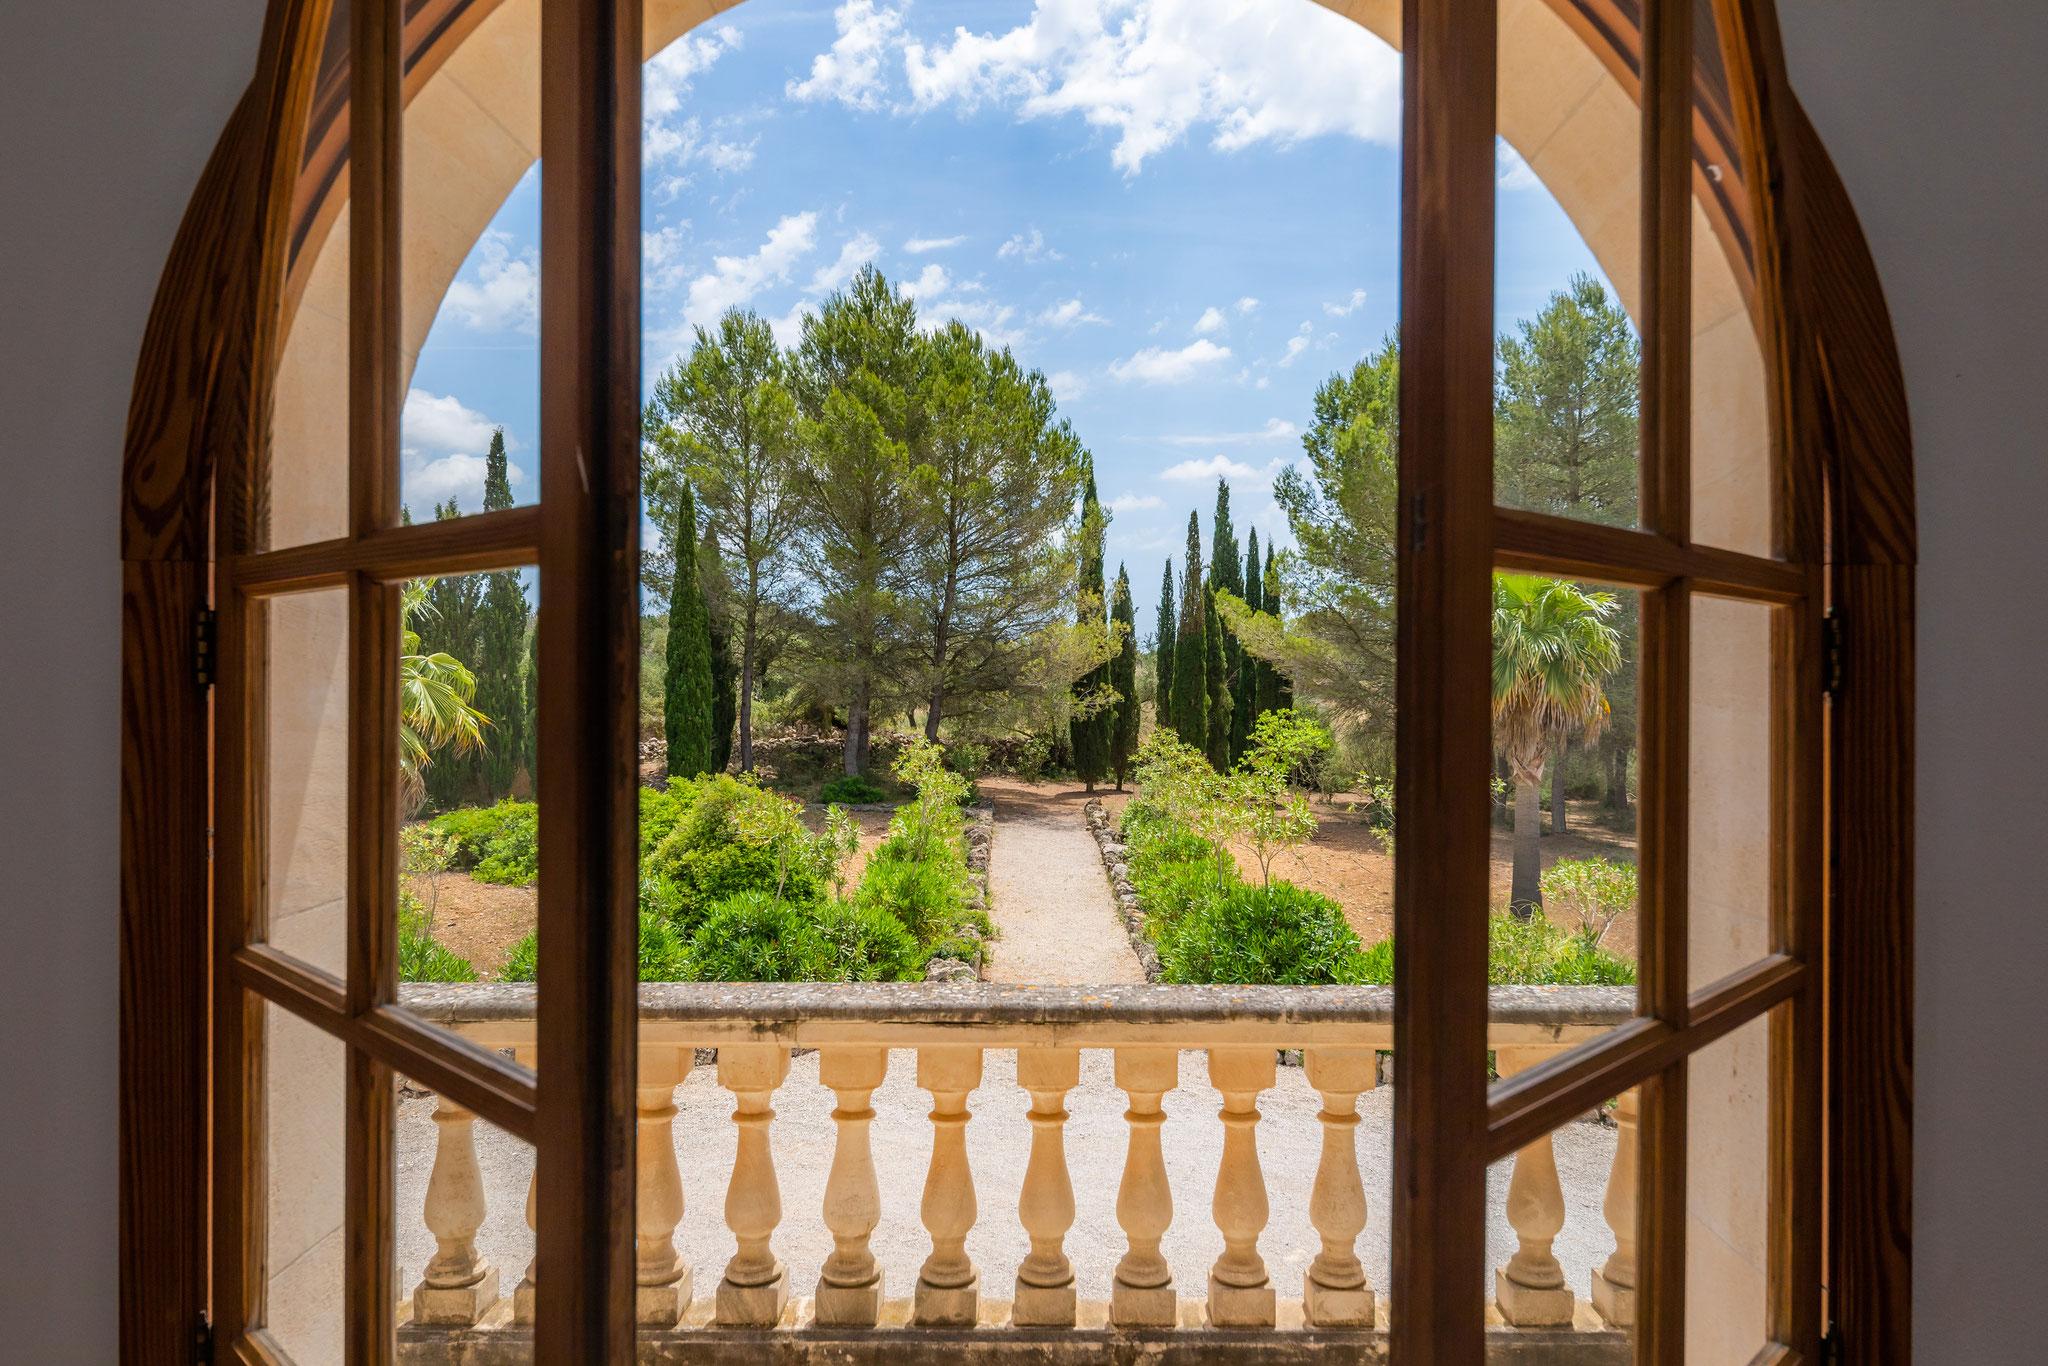 vistas preciosas al jardín